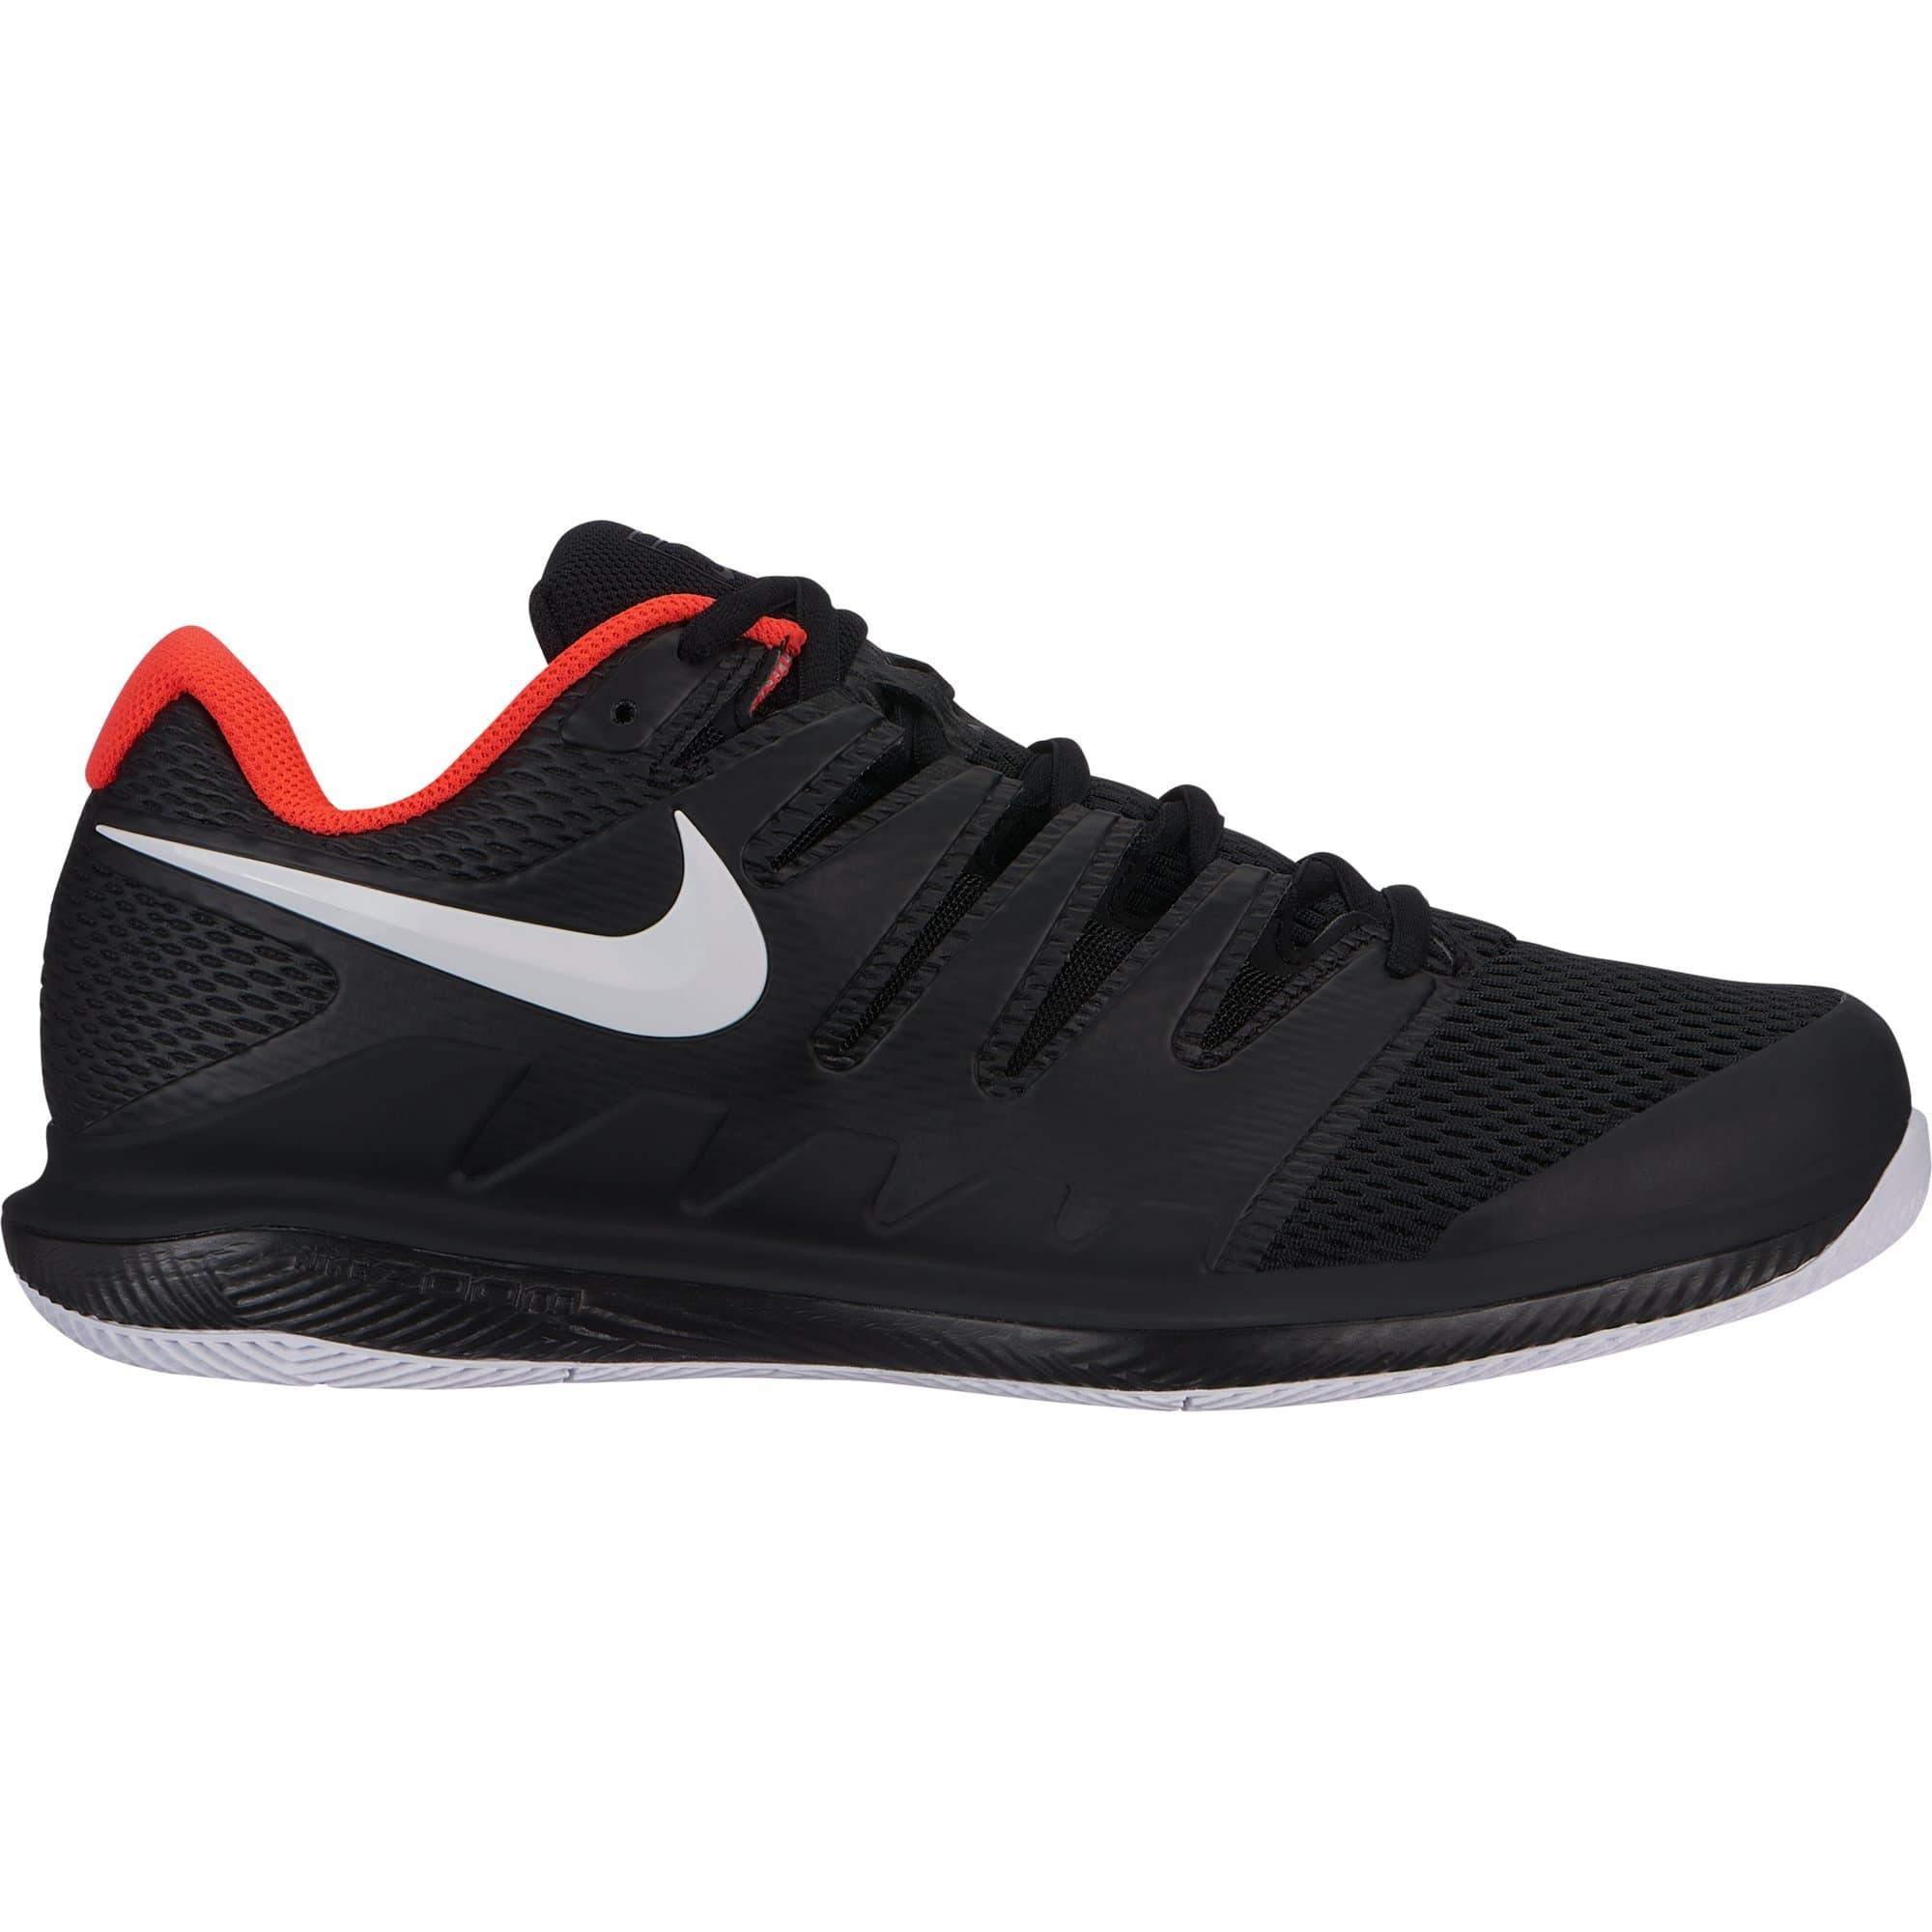 Nike Air Zoom Vapor X Chaussures de tennis pour homme